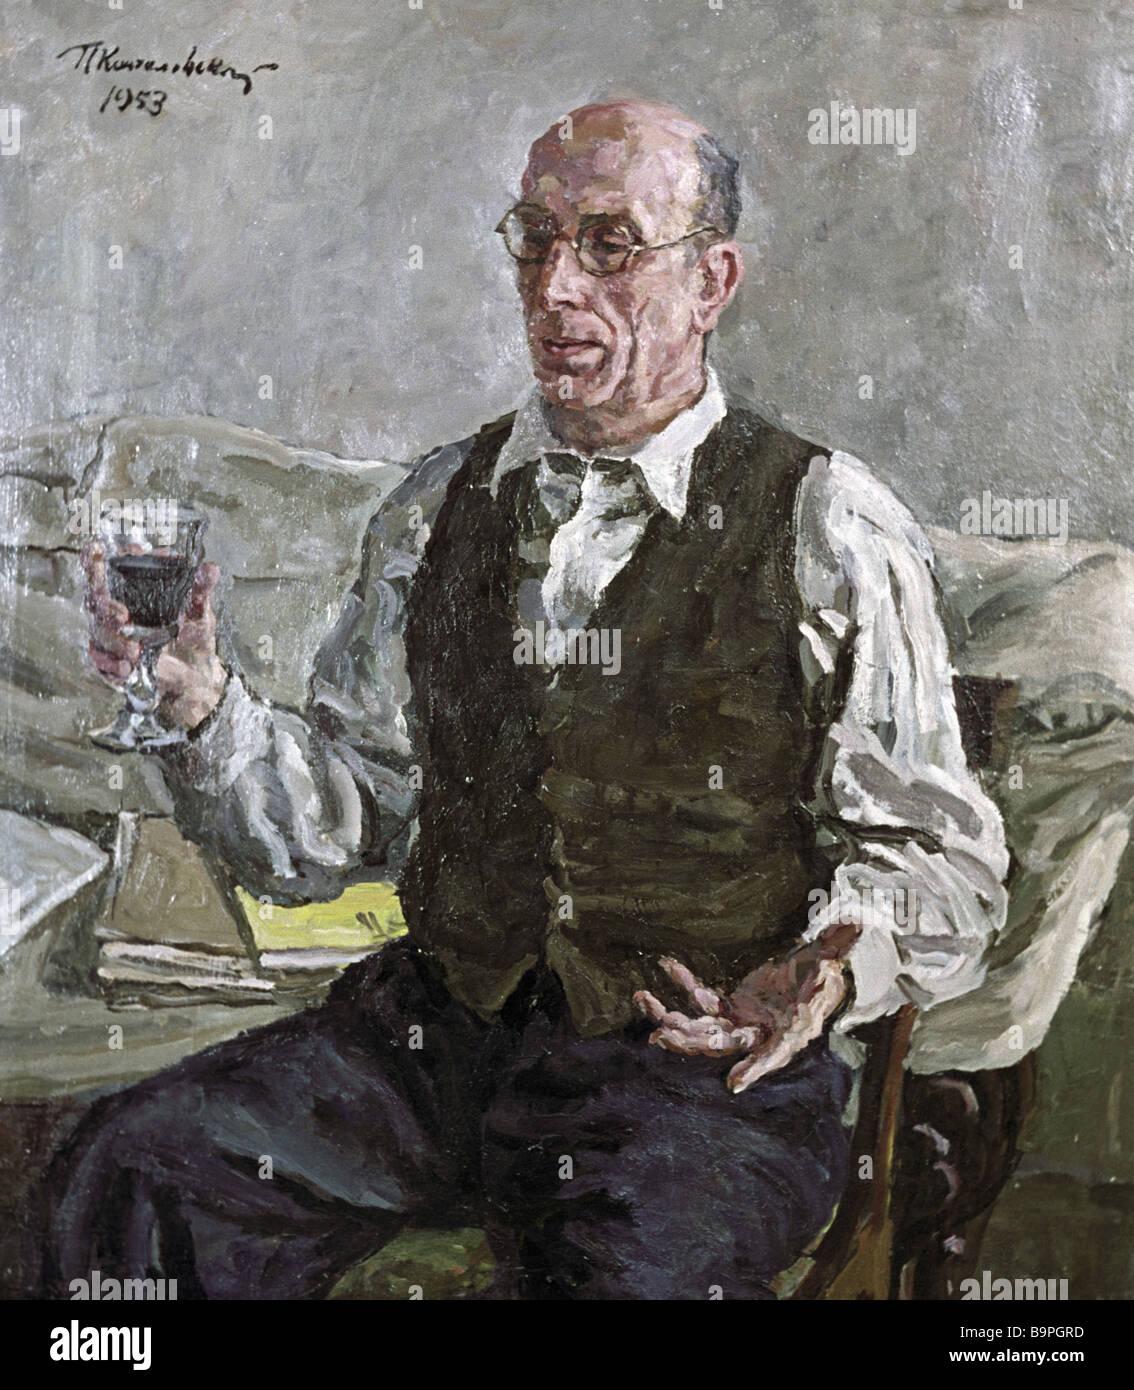 A portrait copy of the Spanish artist Alberto Sanchez by Pyotr Konchalovsky - Stock Image